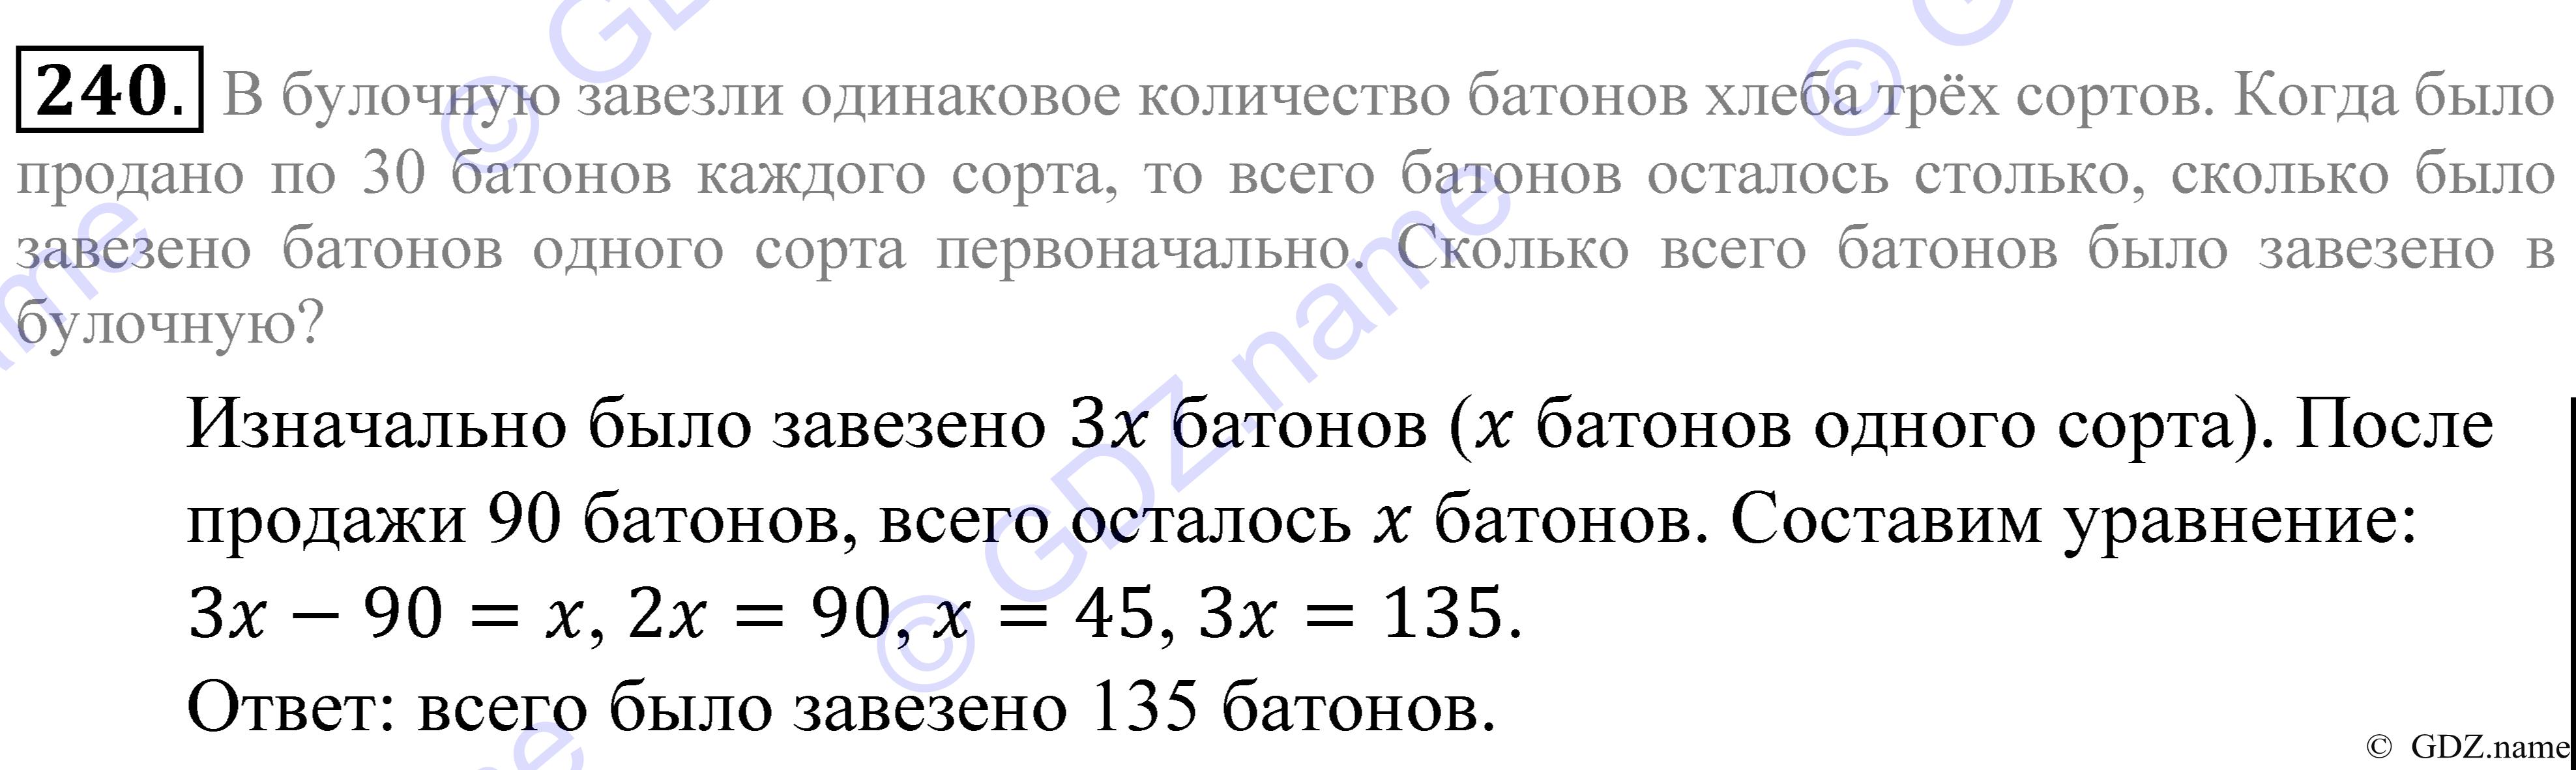 Русский язык 240 задание 5 класс